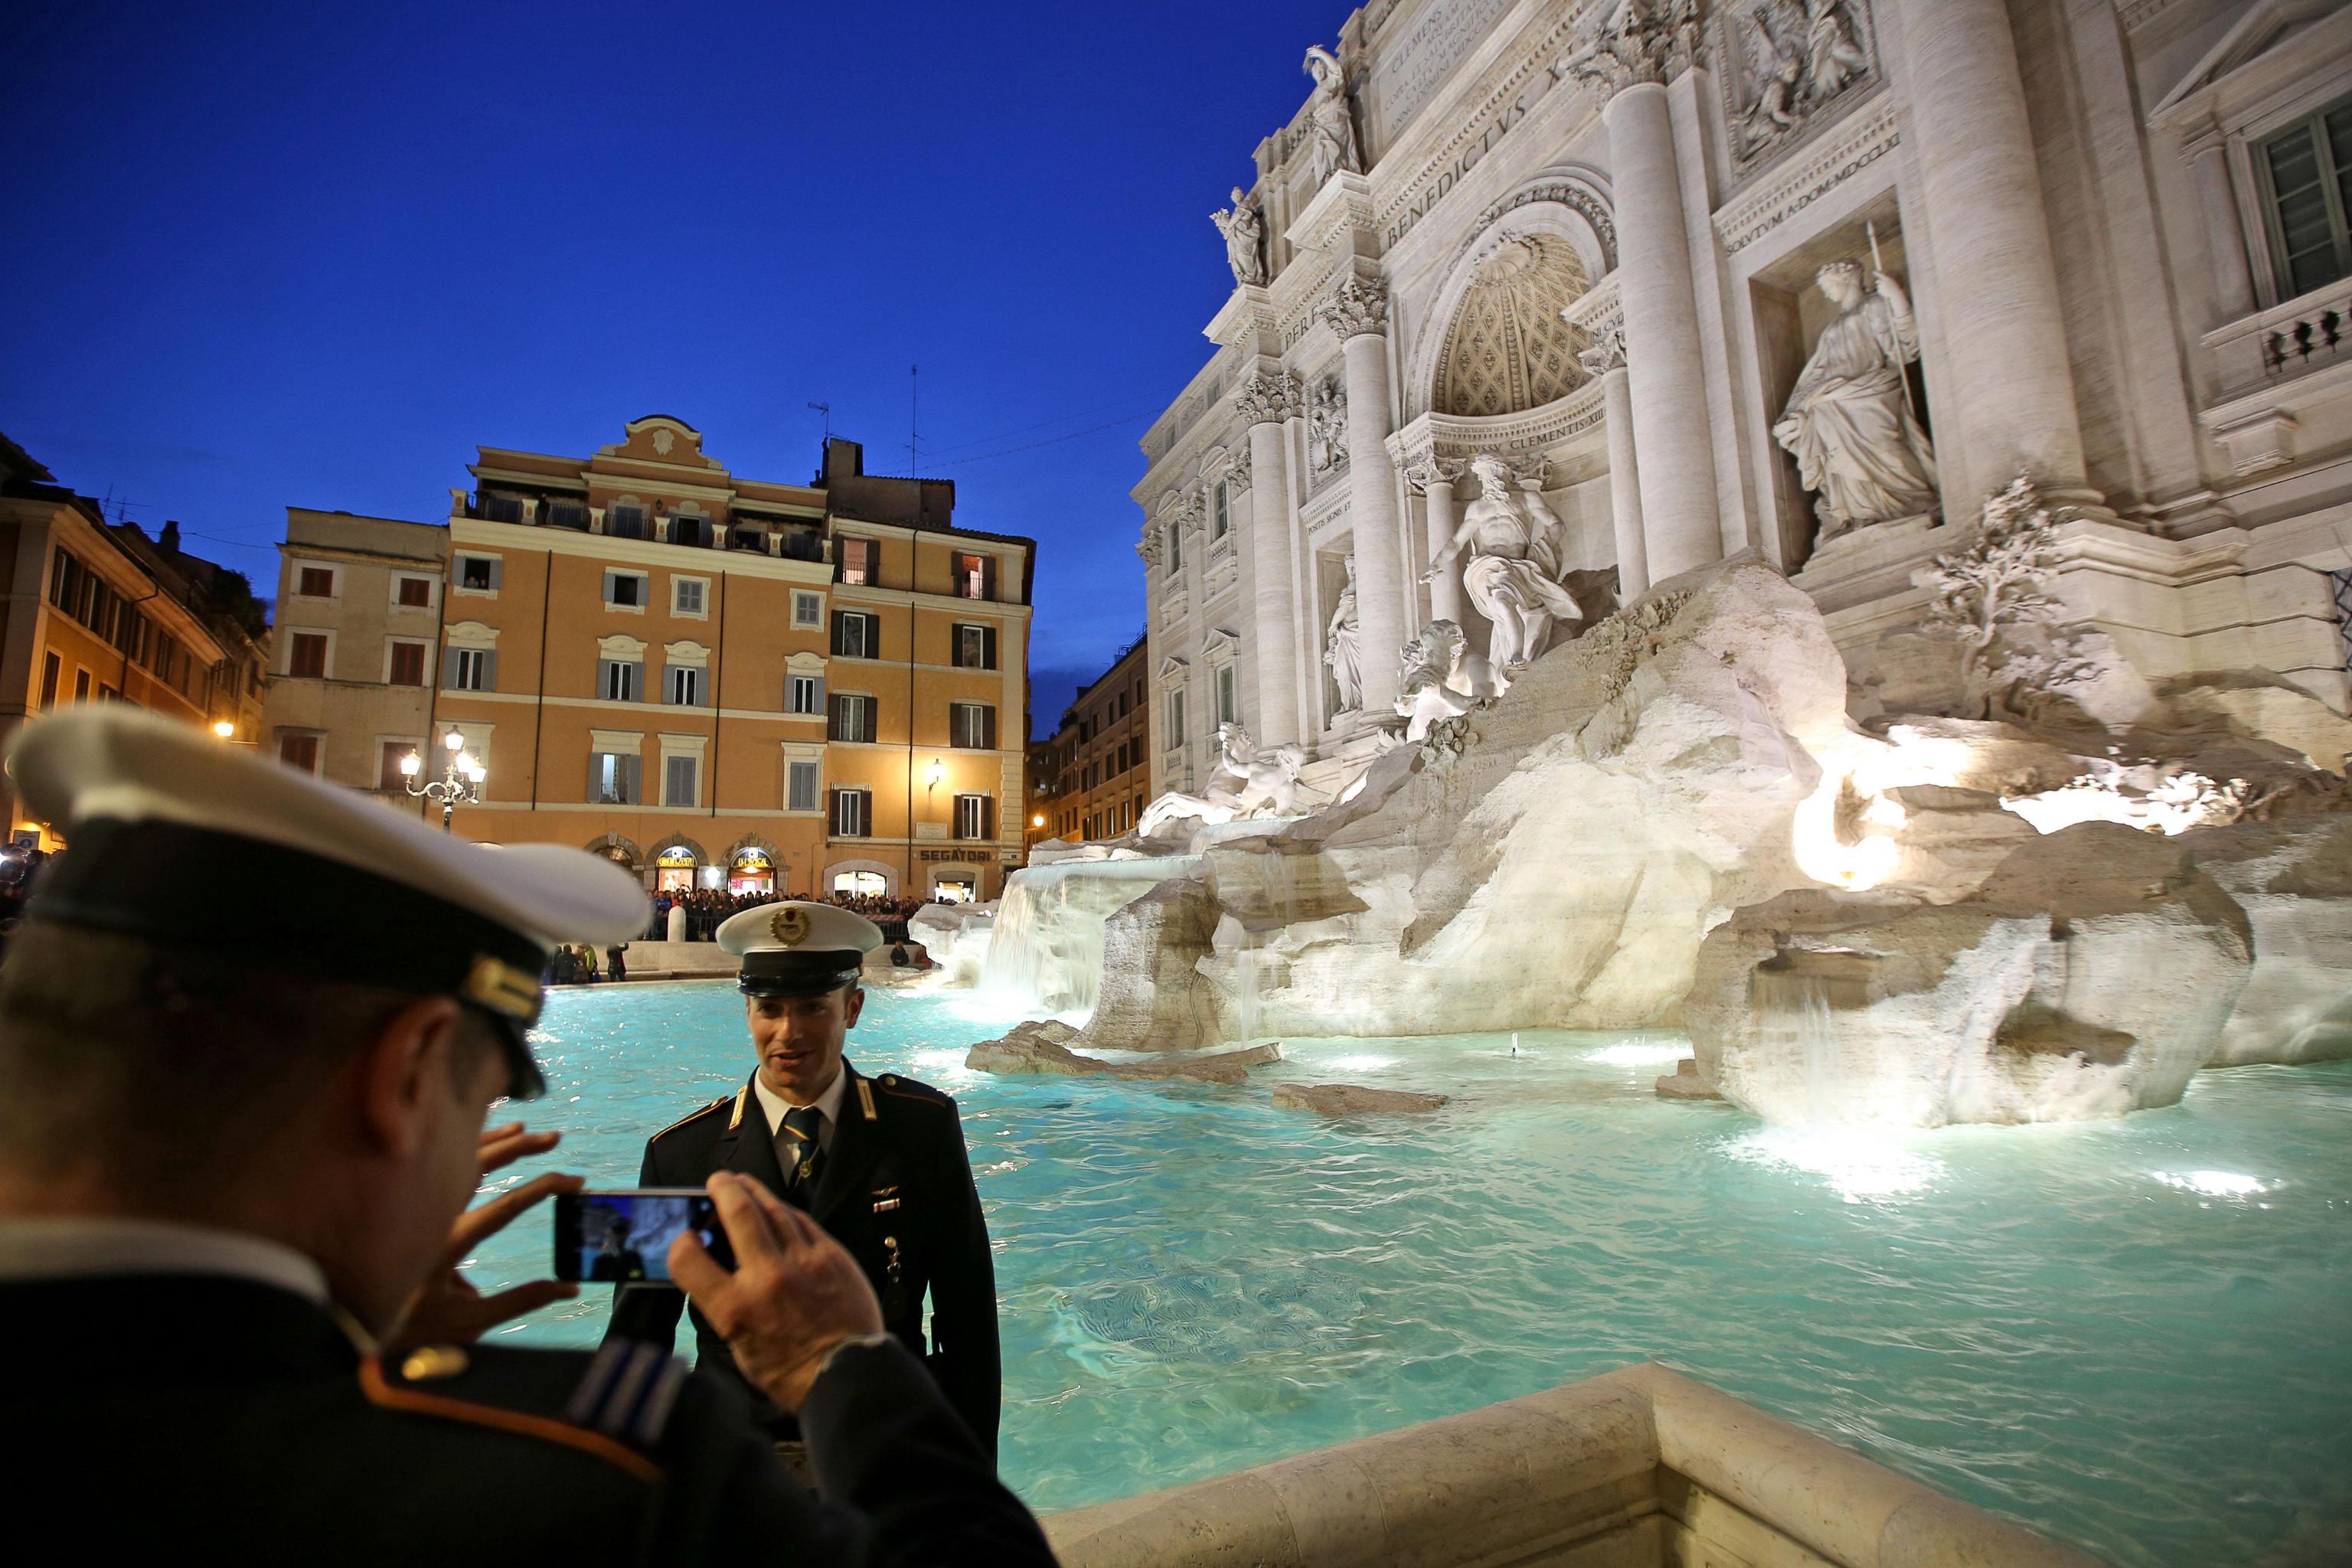 Nuota in slip dentro la fontana di trevi un 39 altra turista denunciata a roma giornale di sicilia - Bagno nella fontana di trevi ...